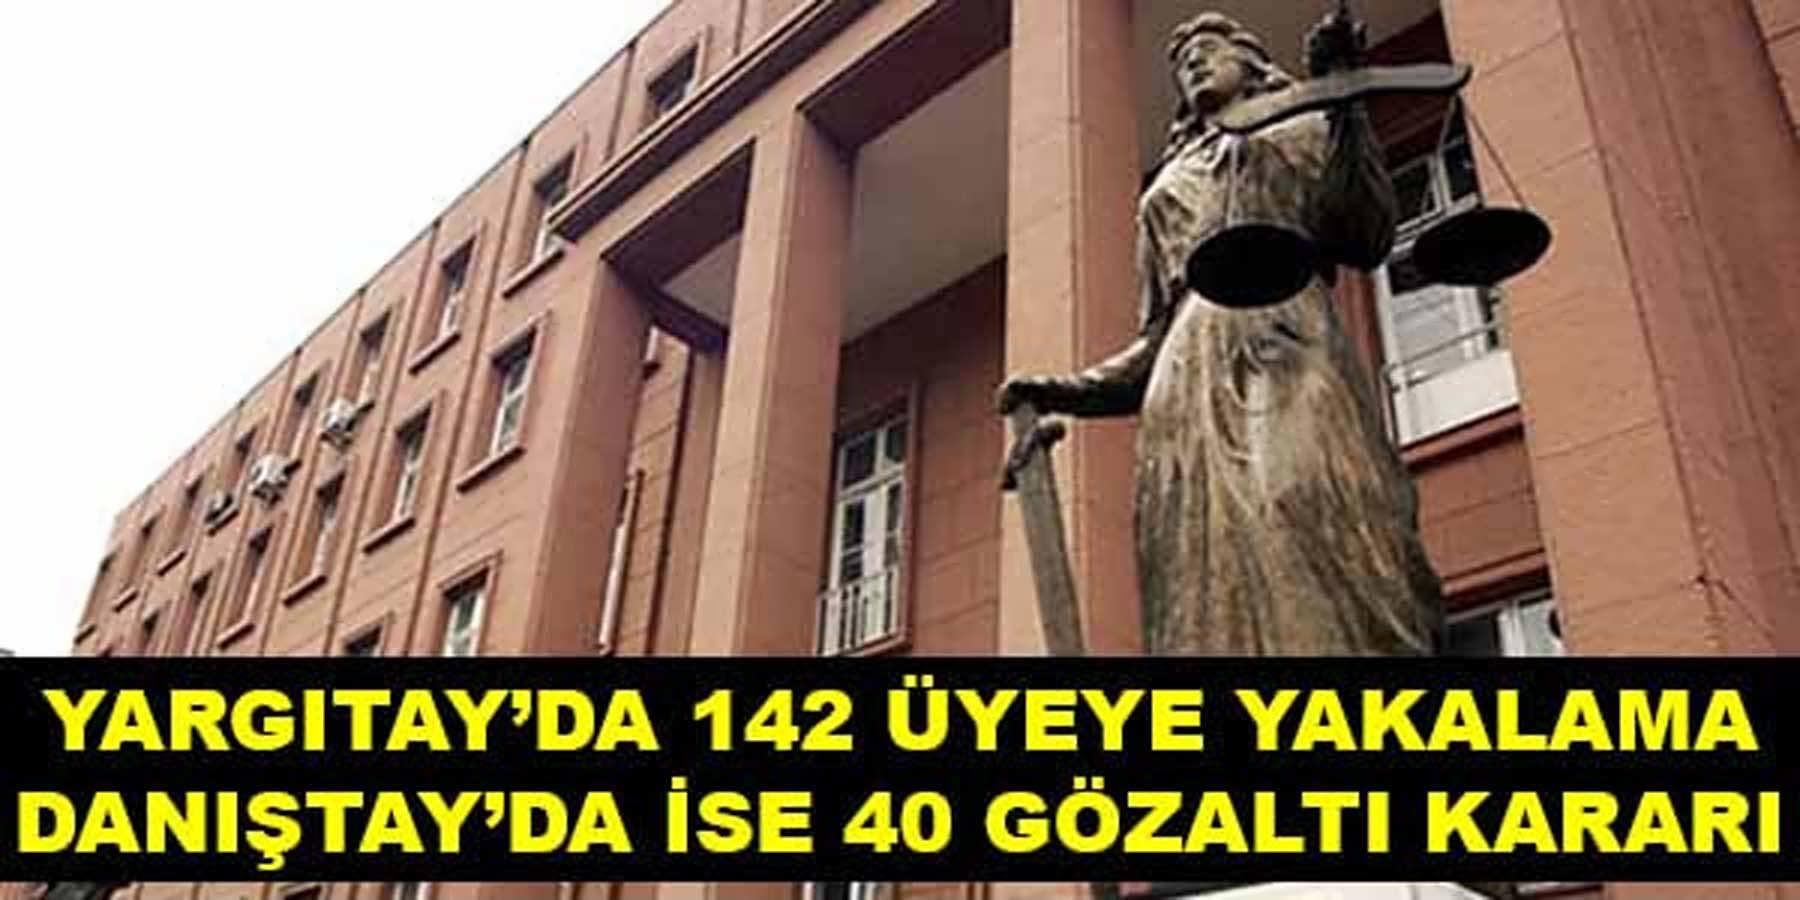 Yargıtay'da 142 üyeye yakalama ve Danıştay'da ise 40 gözaltı kararı.